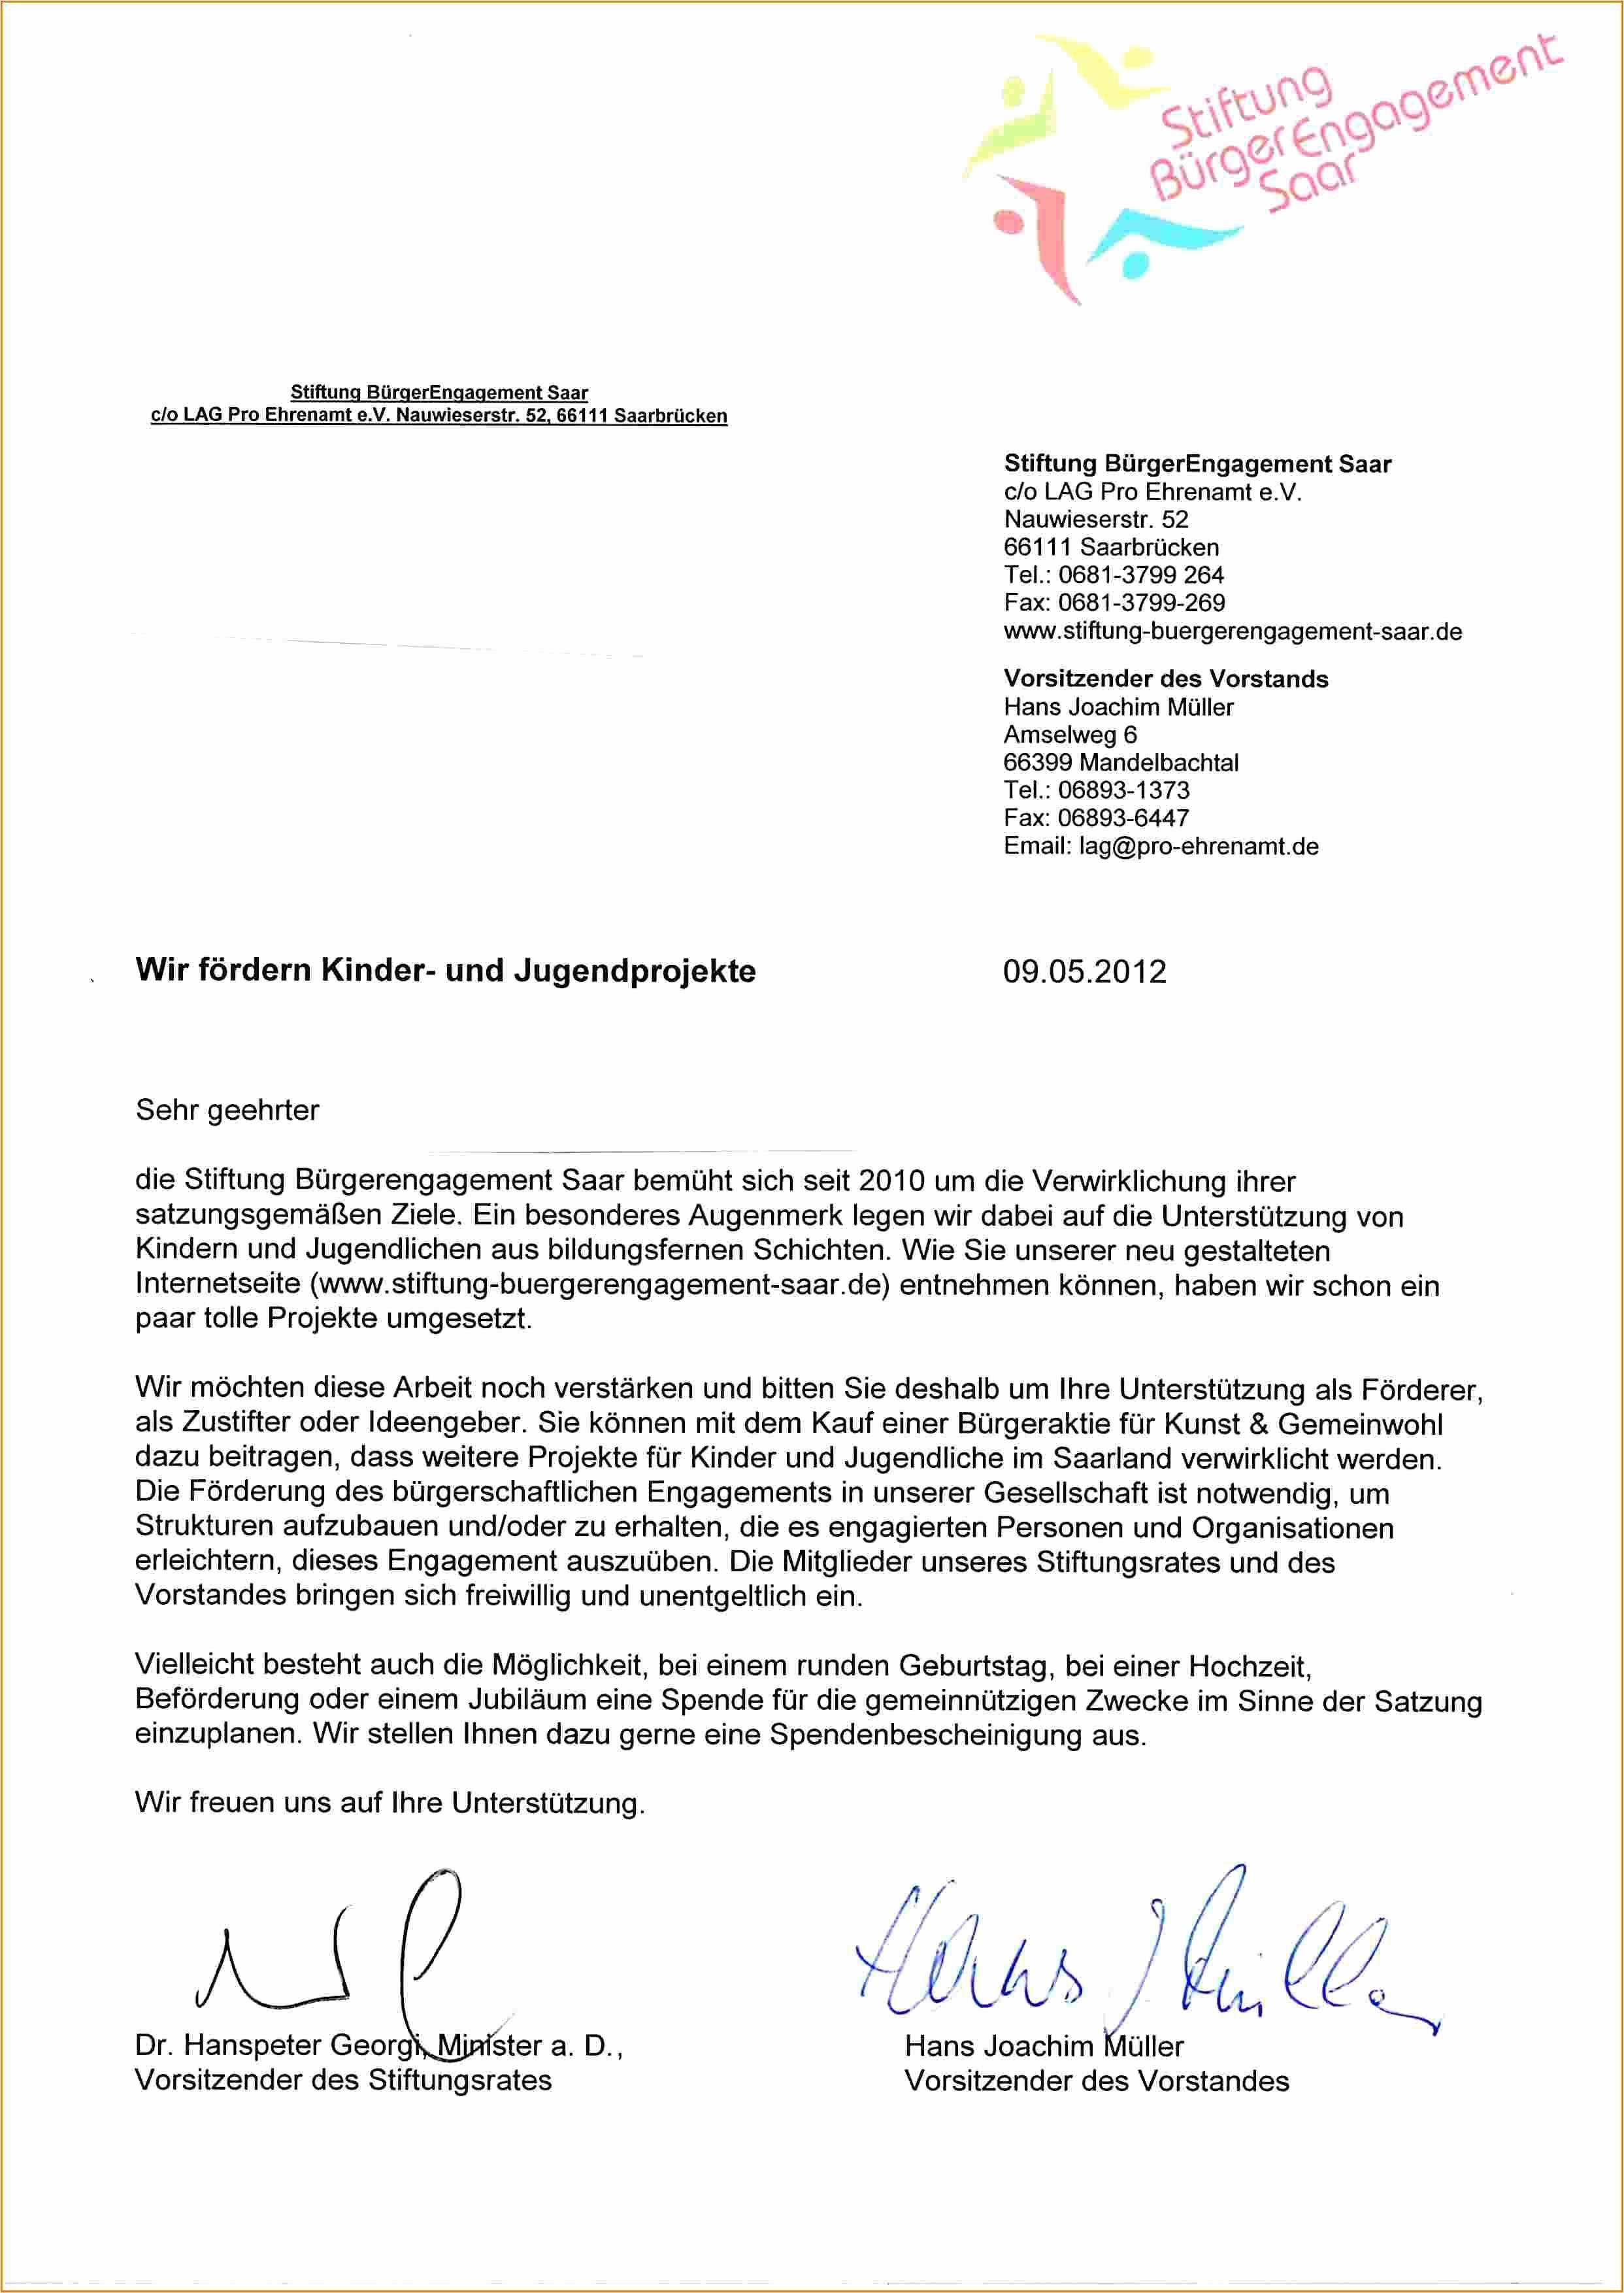 Komplett Handy Kundigung Vorlage In 2020 Bewerbung Schreiben Deckblatt Bewerbung Vorlage Deckblatt Bewerbung